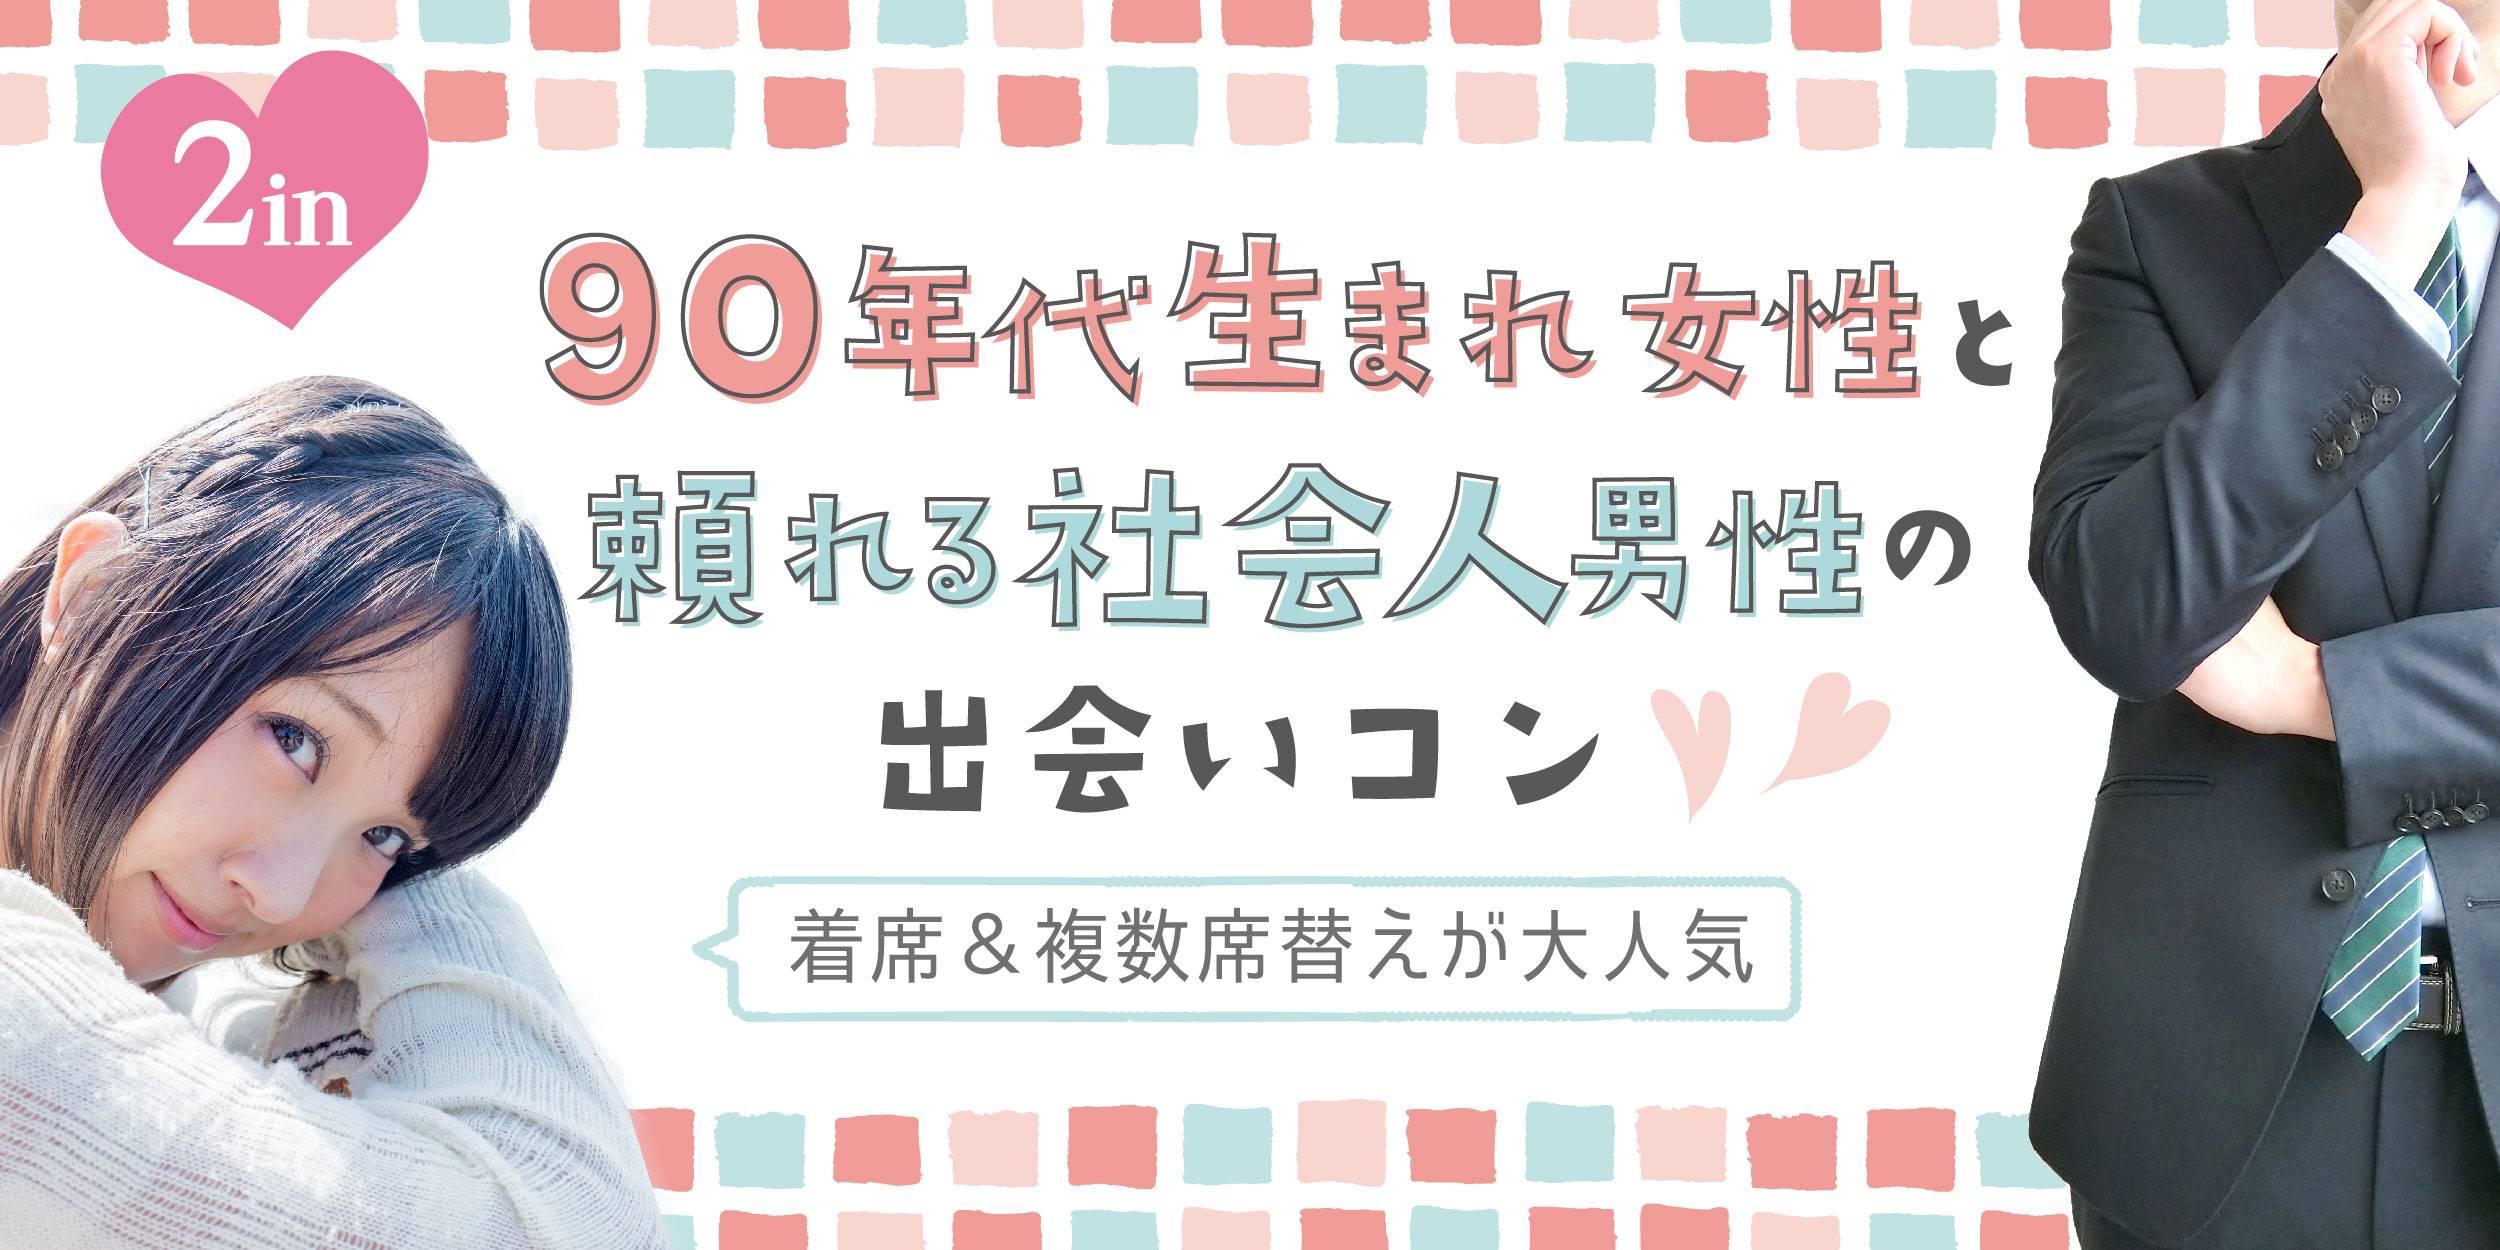 【倉敷のプチ街コン】合同会社ツイン主催 2017年12月10日